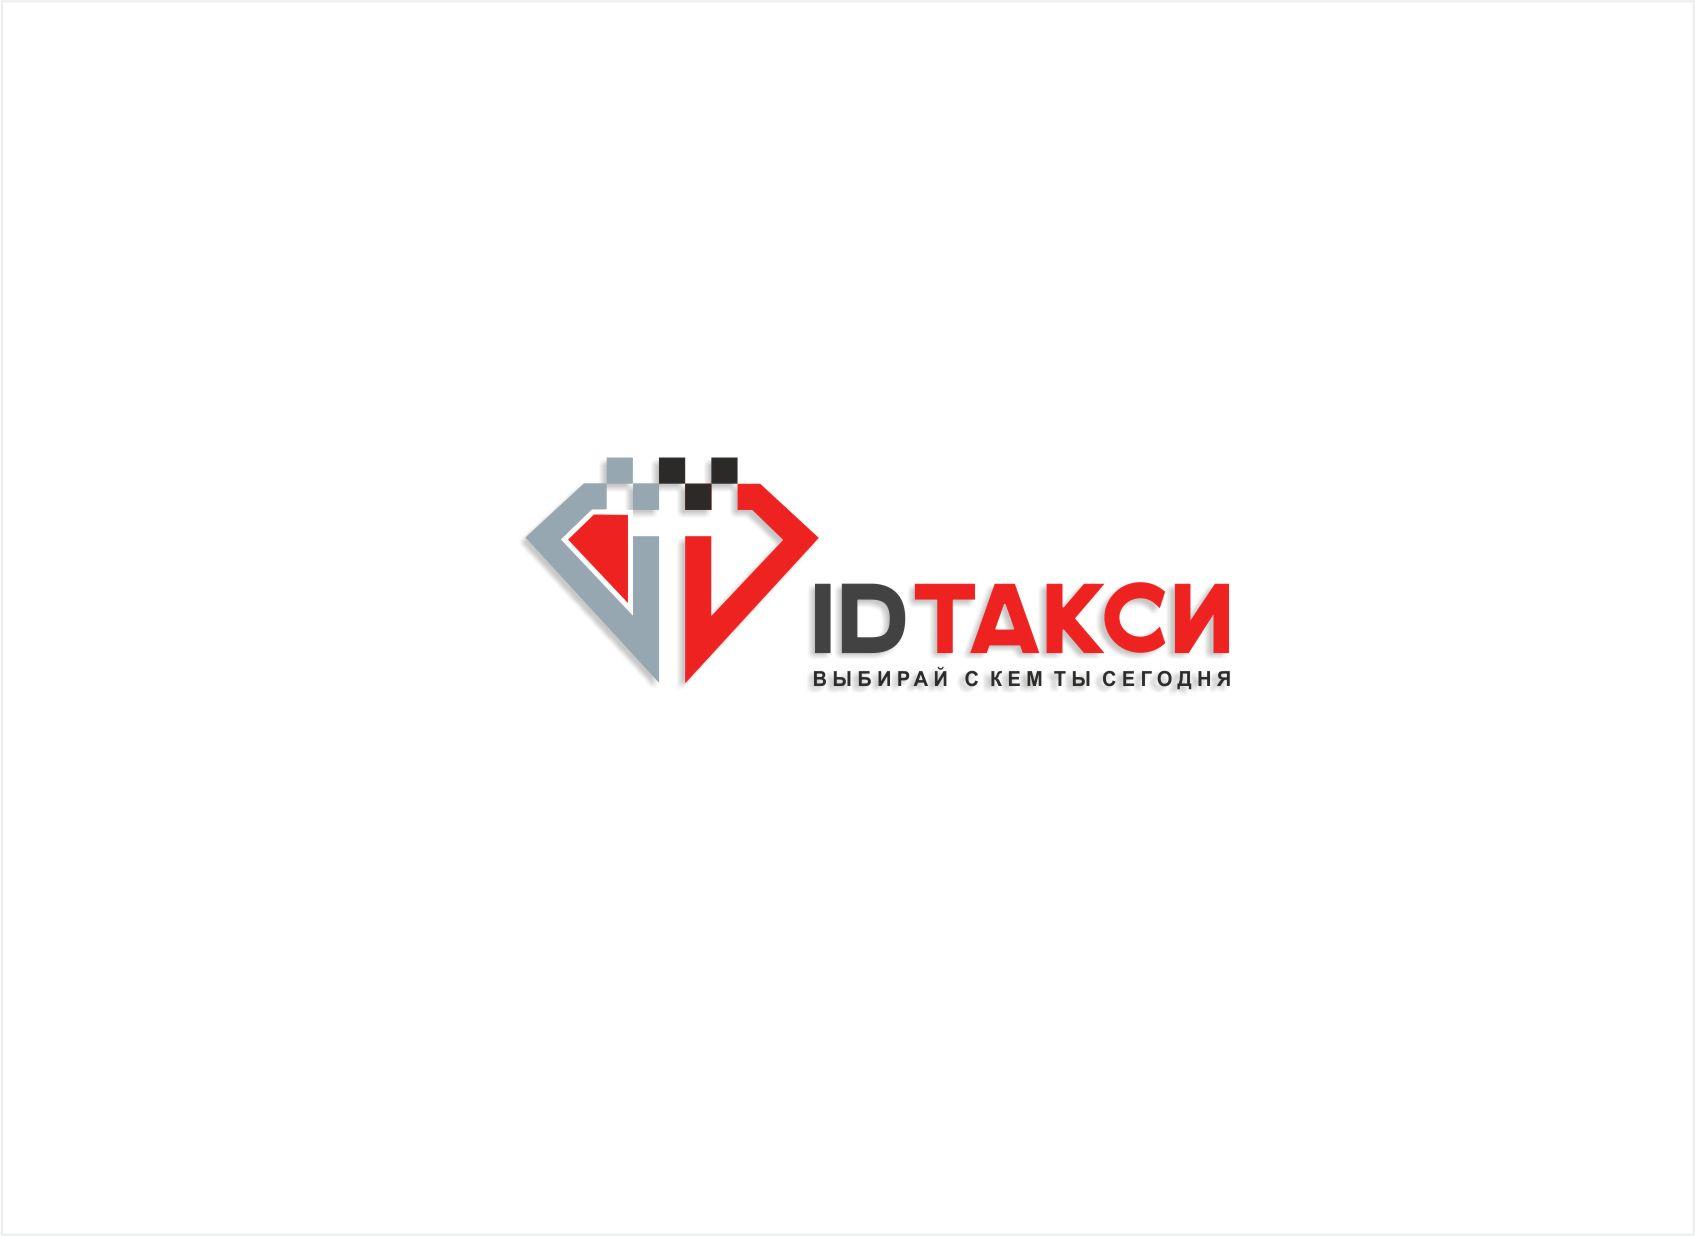 Лого и фирменный стиль для iD Такси - дизайнер SobolevS21